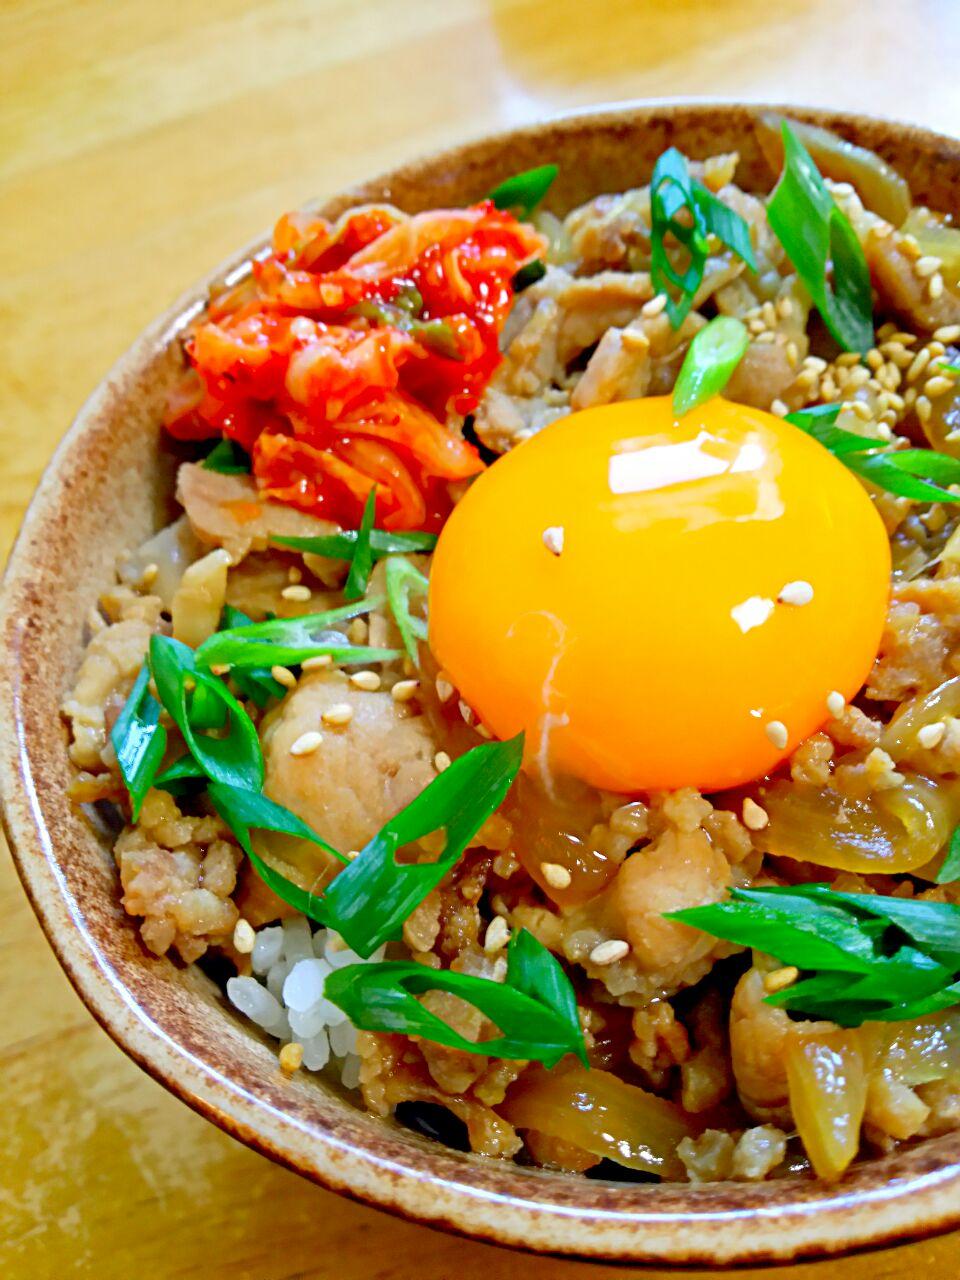 栄養バランス、気になる?豚丼と一緒に食べたい献立レシピ14選